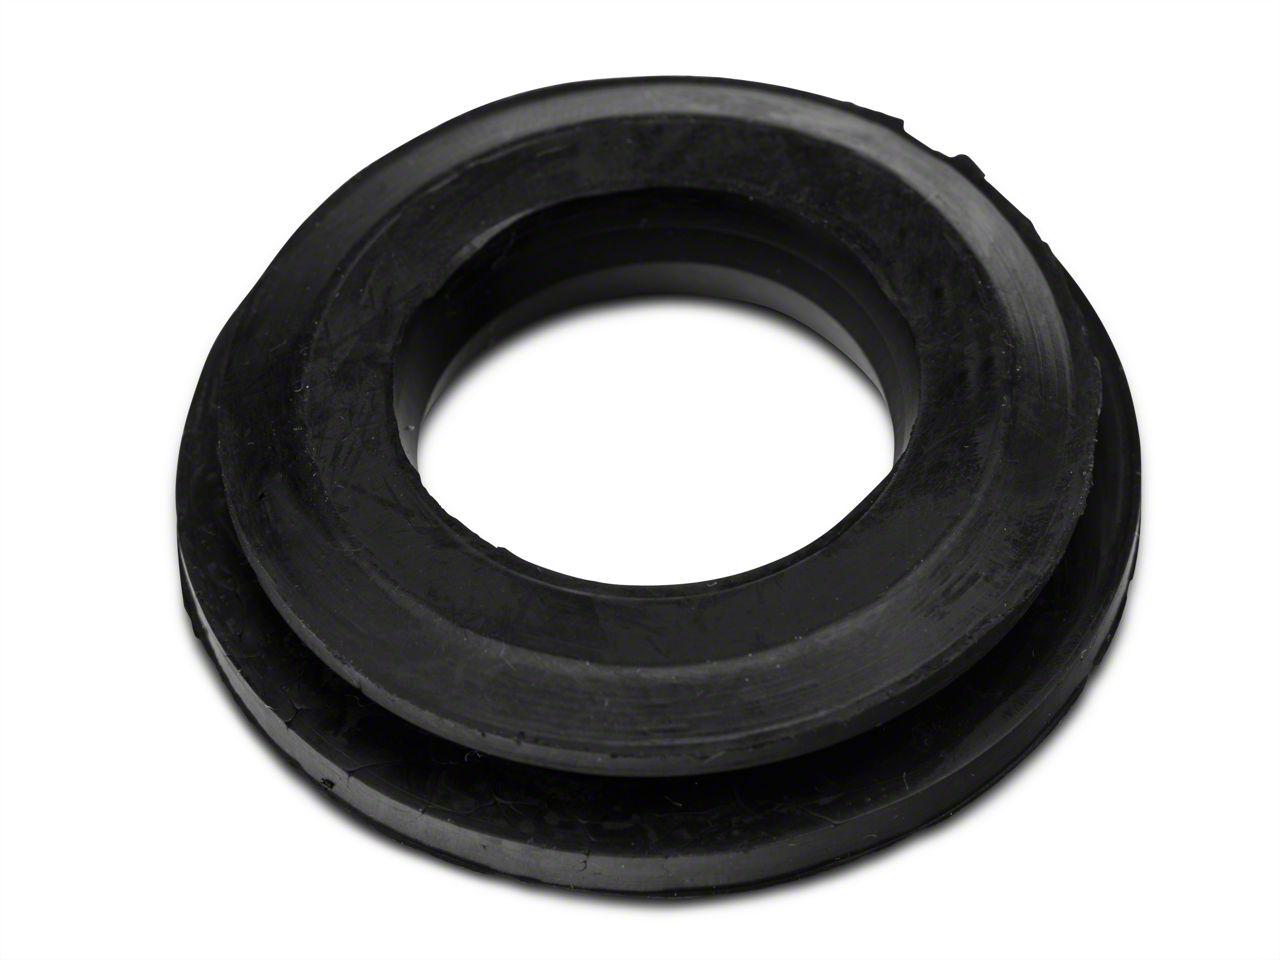 OPR Fuel Tank Vapor Seal (79-97 All)